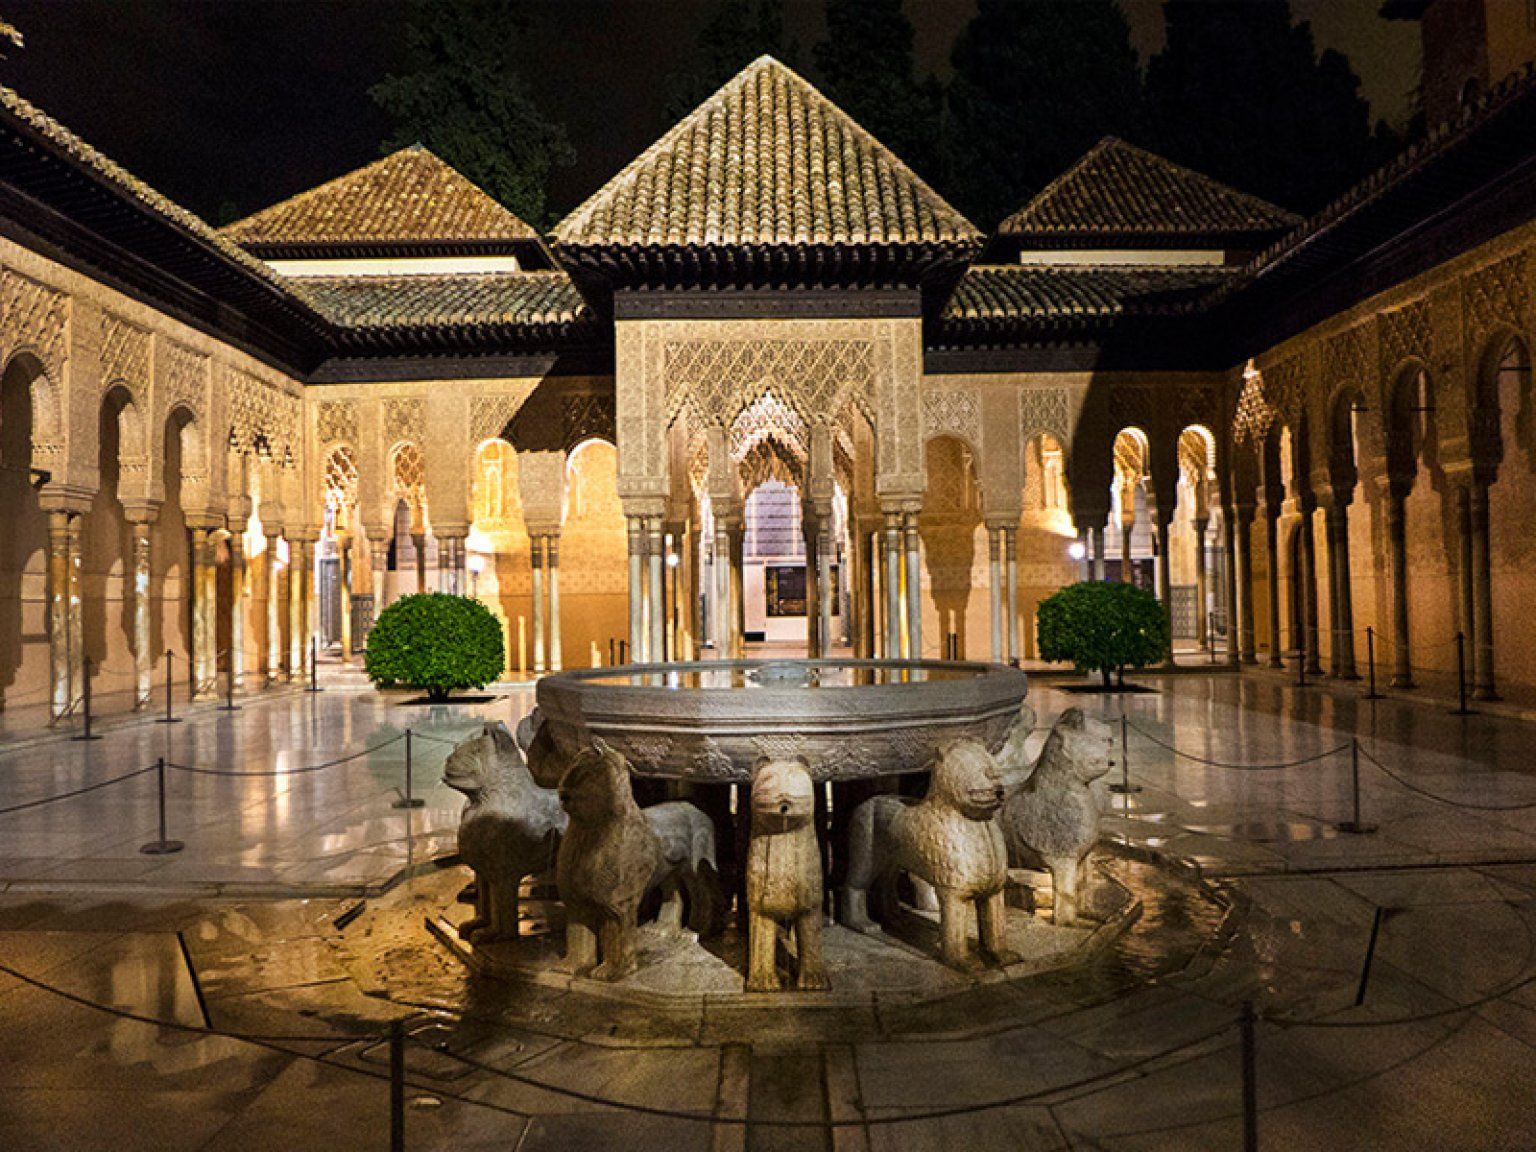 Visita mezquita cordoba nocturna good mezquita de crdoba - Mezquita de cordoba visita nocturna ...